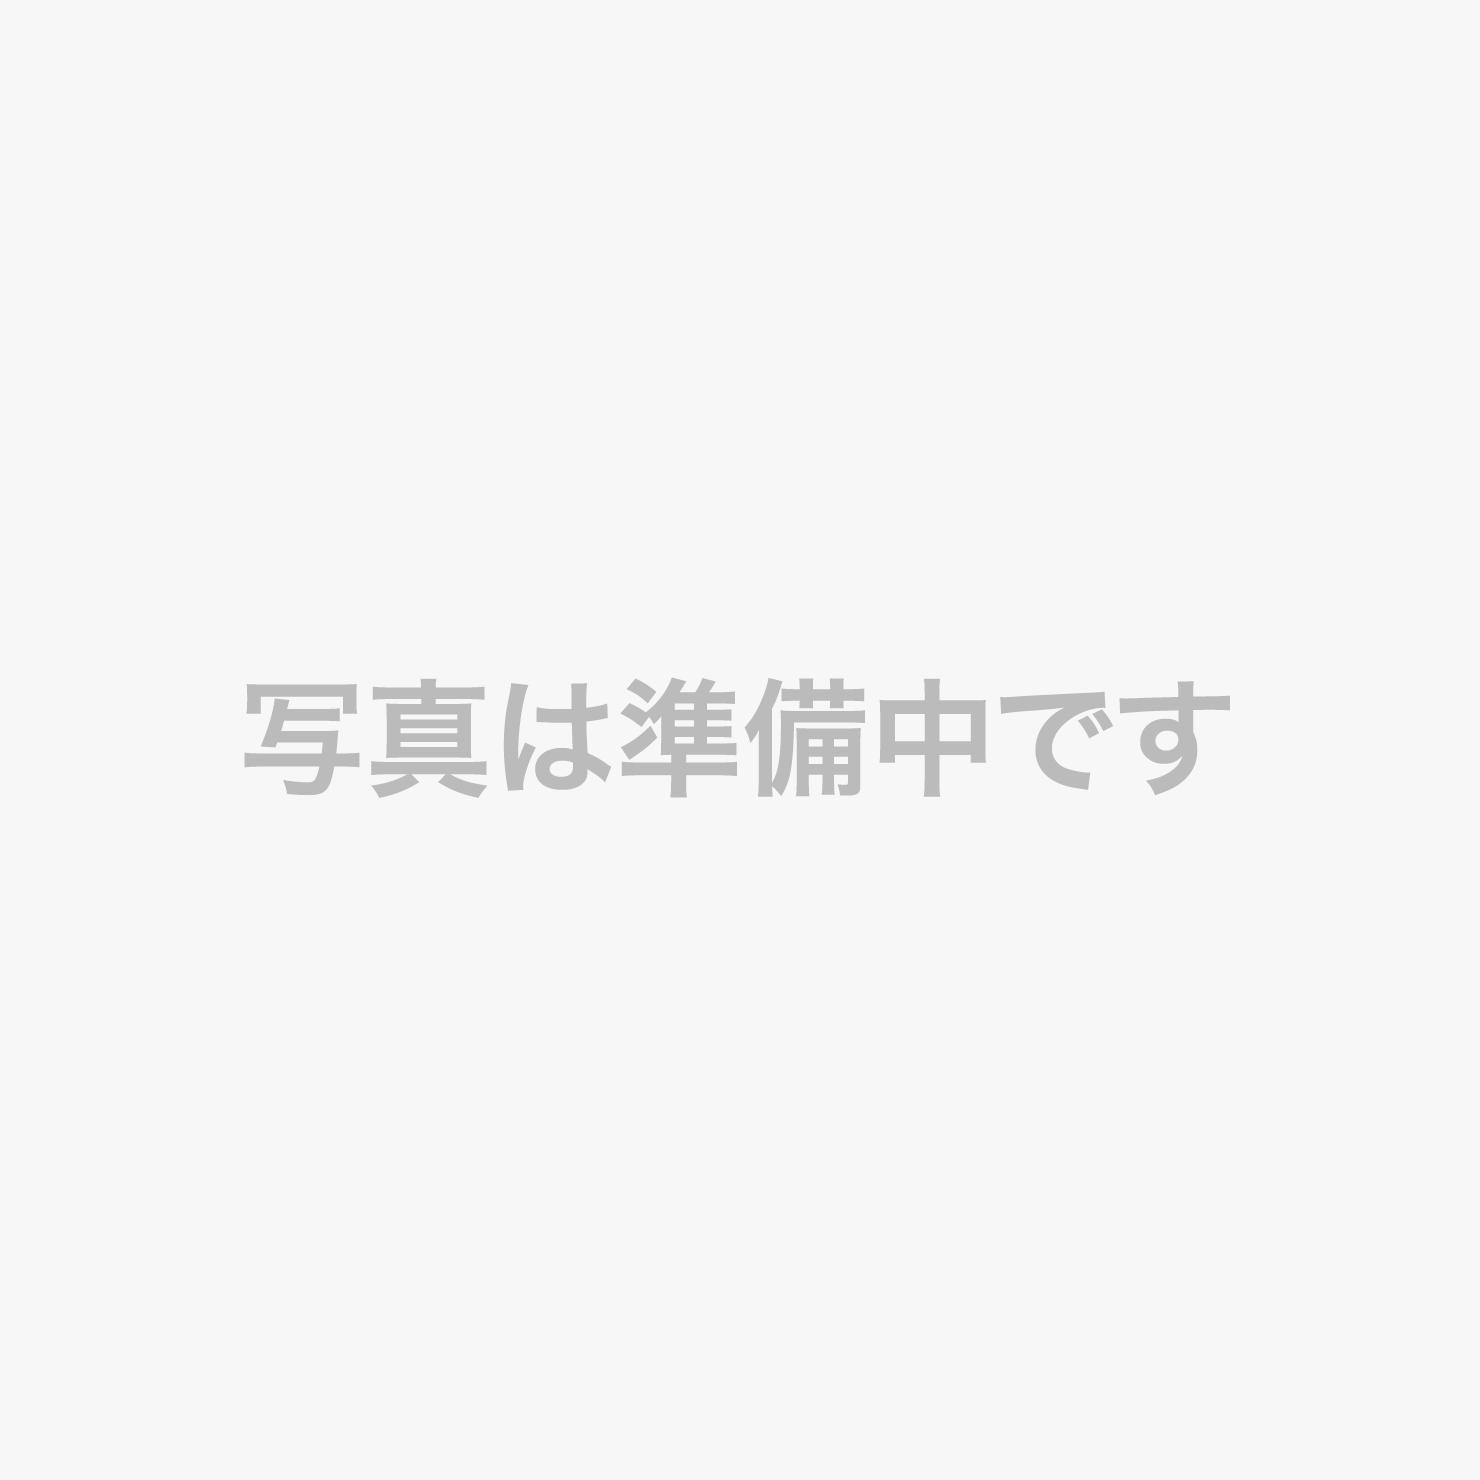 岩盤浴/1時間1080円